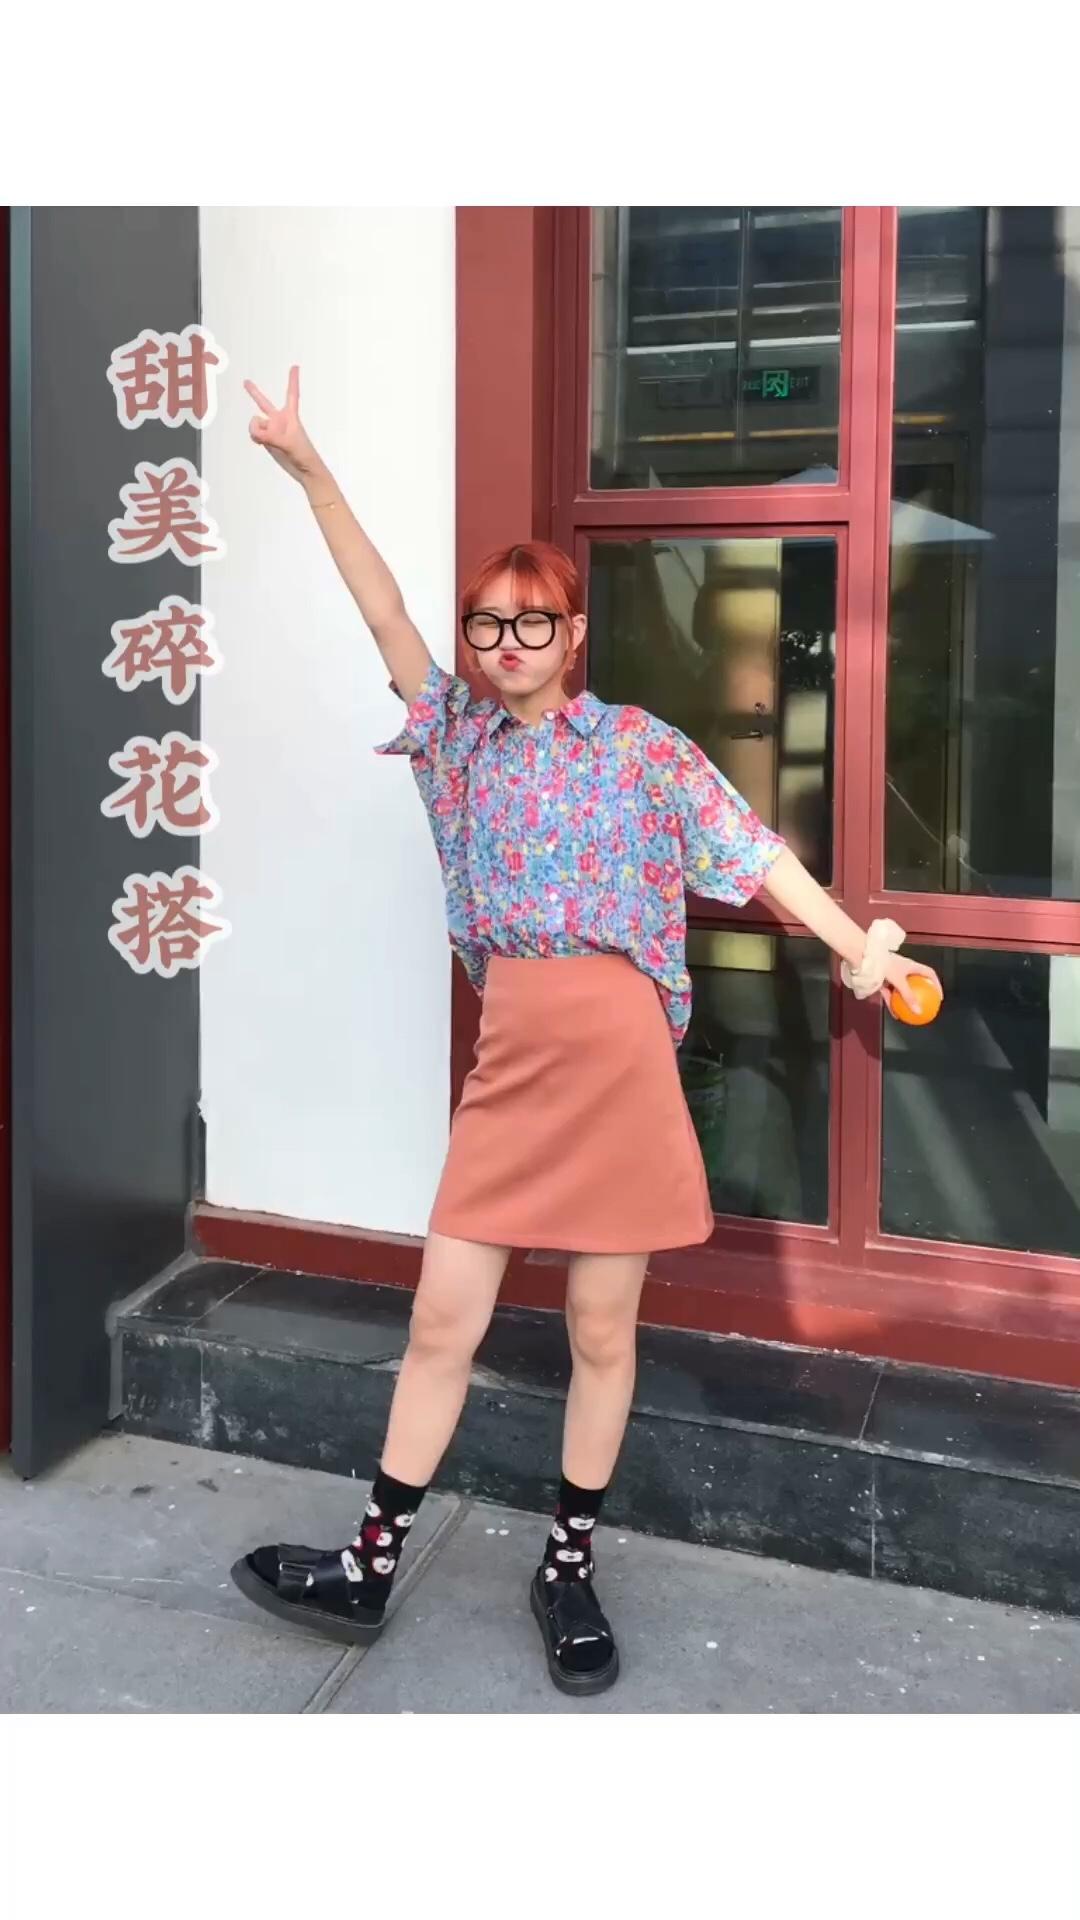 #入秋单品王,这件最上头# 超好看的泫雅风花花衬衣➕粉色包臀裙 这一套甜甜的感觉没错啦! 入秋开始这么穿也ok,衬衣中袖得设计刚好 搭配好看的袜子,配凉鞋,韩系get 一起穿这套约会吧!